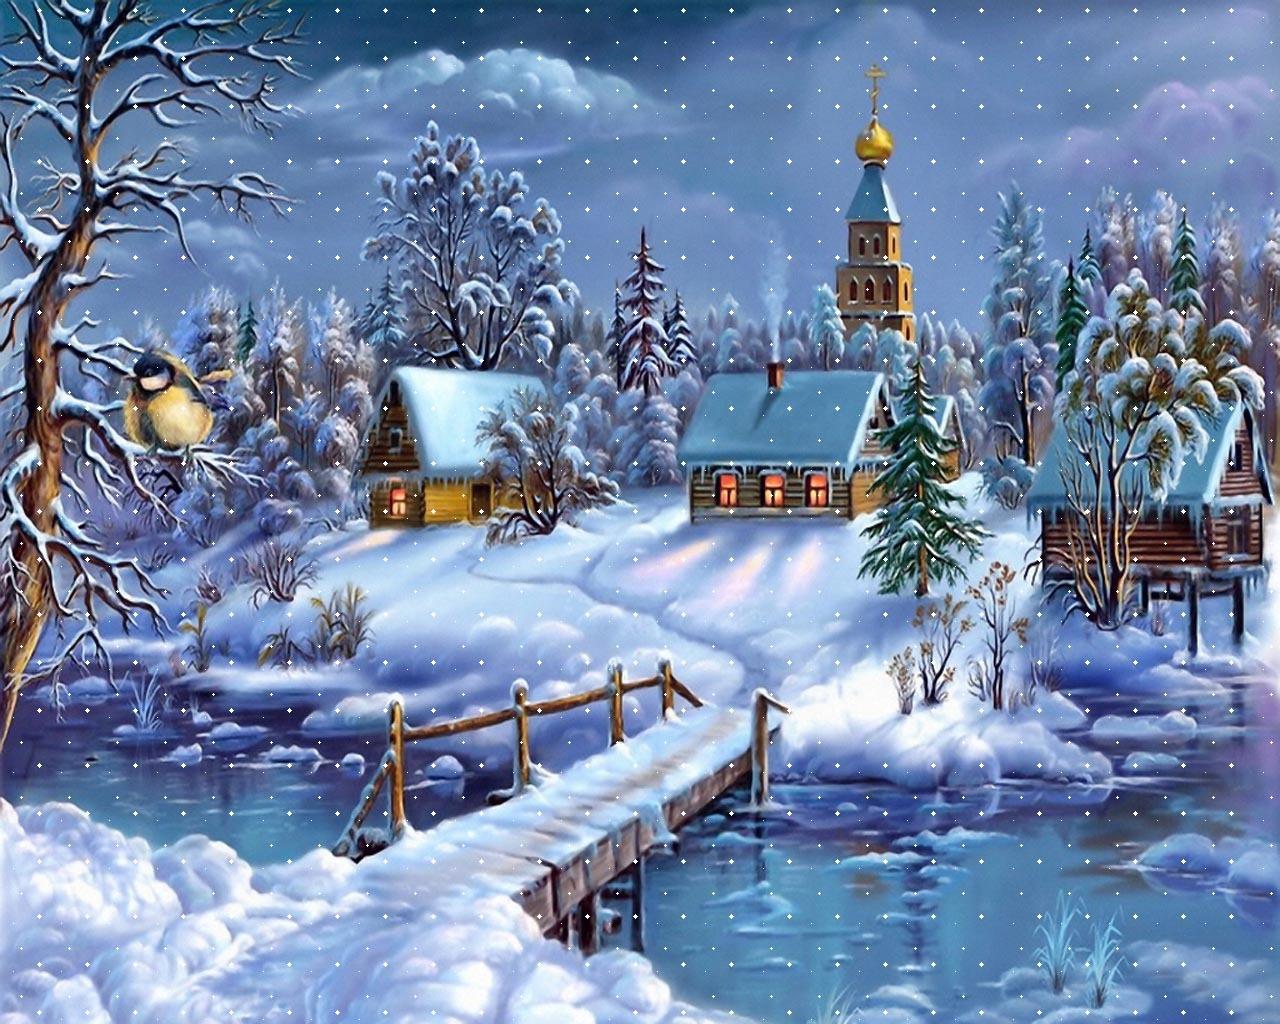 desktop wallpaper winter scenes   wwwwallpapers in hdcom 1280x1024